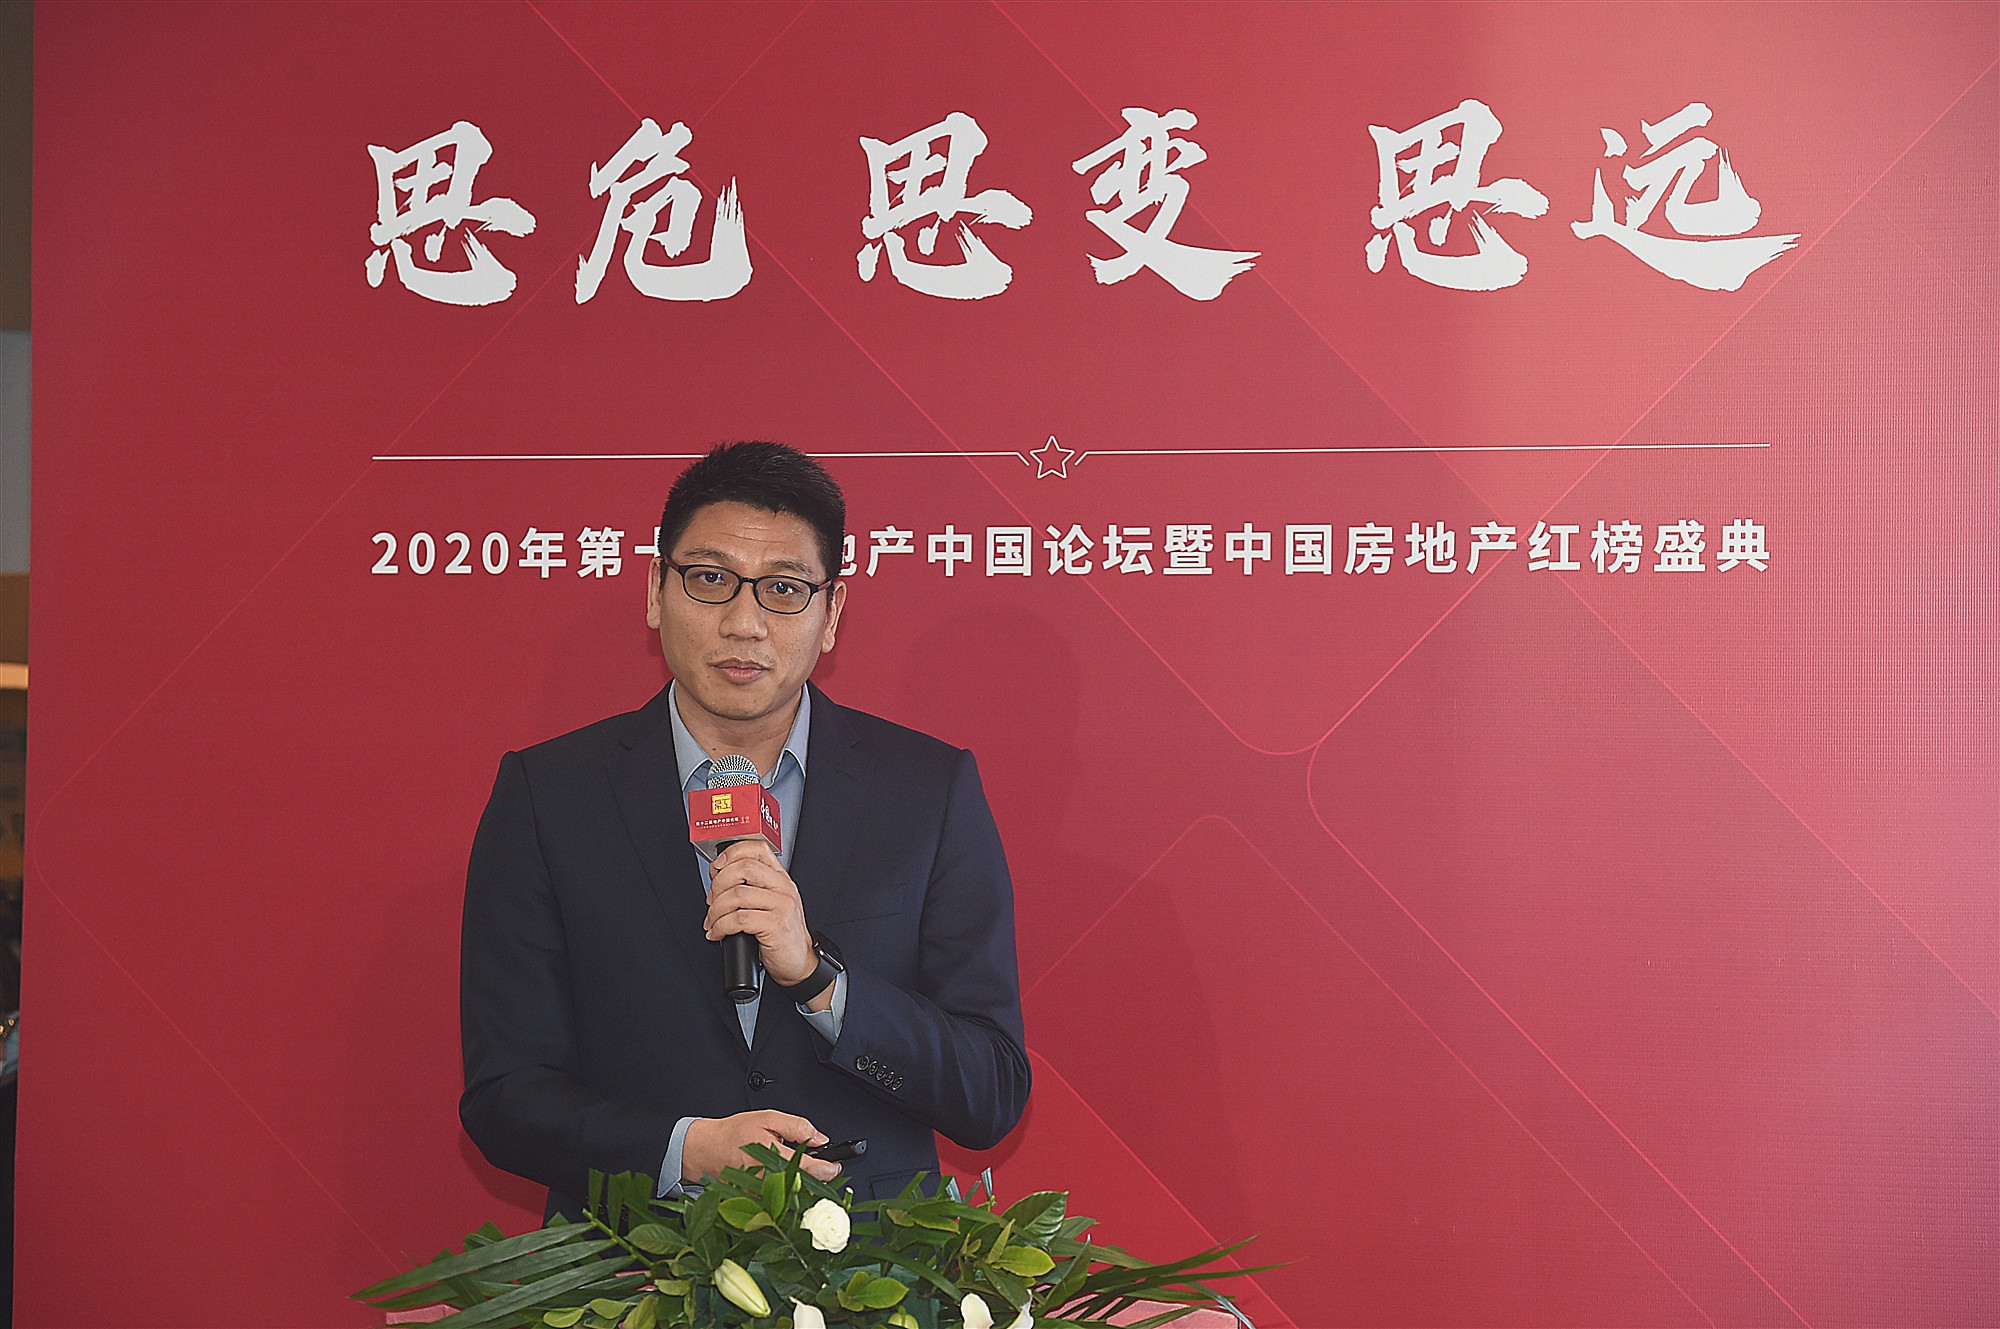 远洋养老谭超:五大创新引领全新生活方式-中国网地产